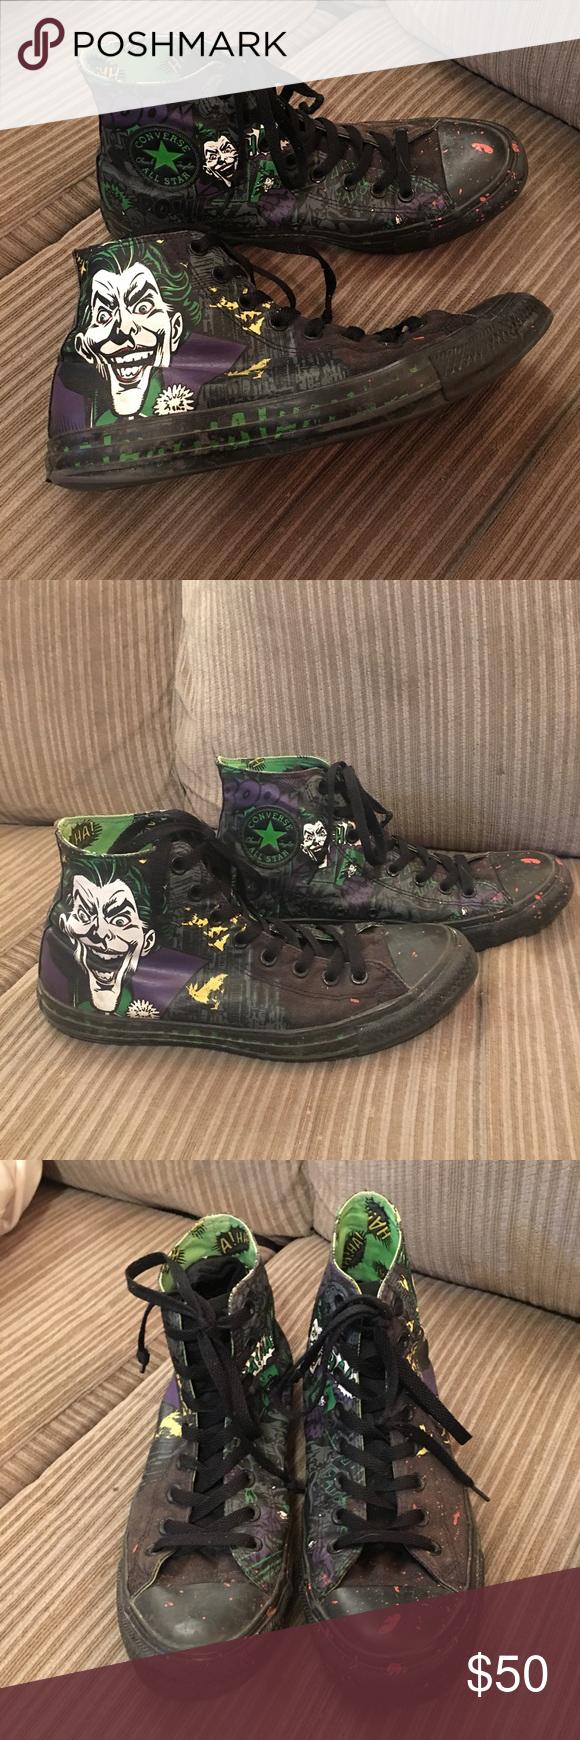 d9856bbf63d4 D.C. Joker Converse sz 9 Gently worn No rips